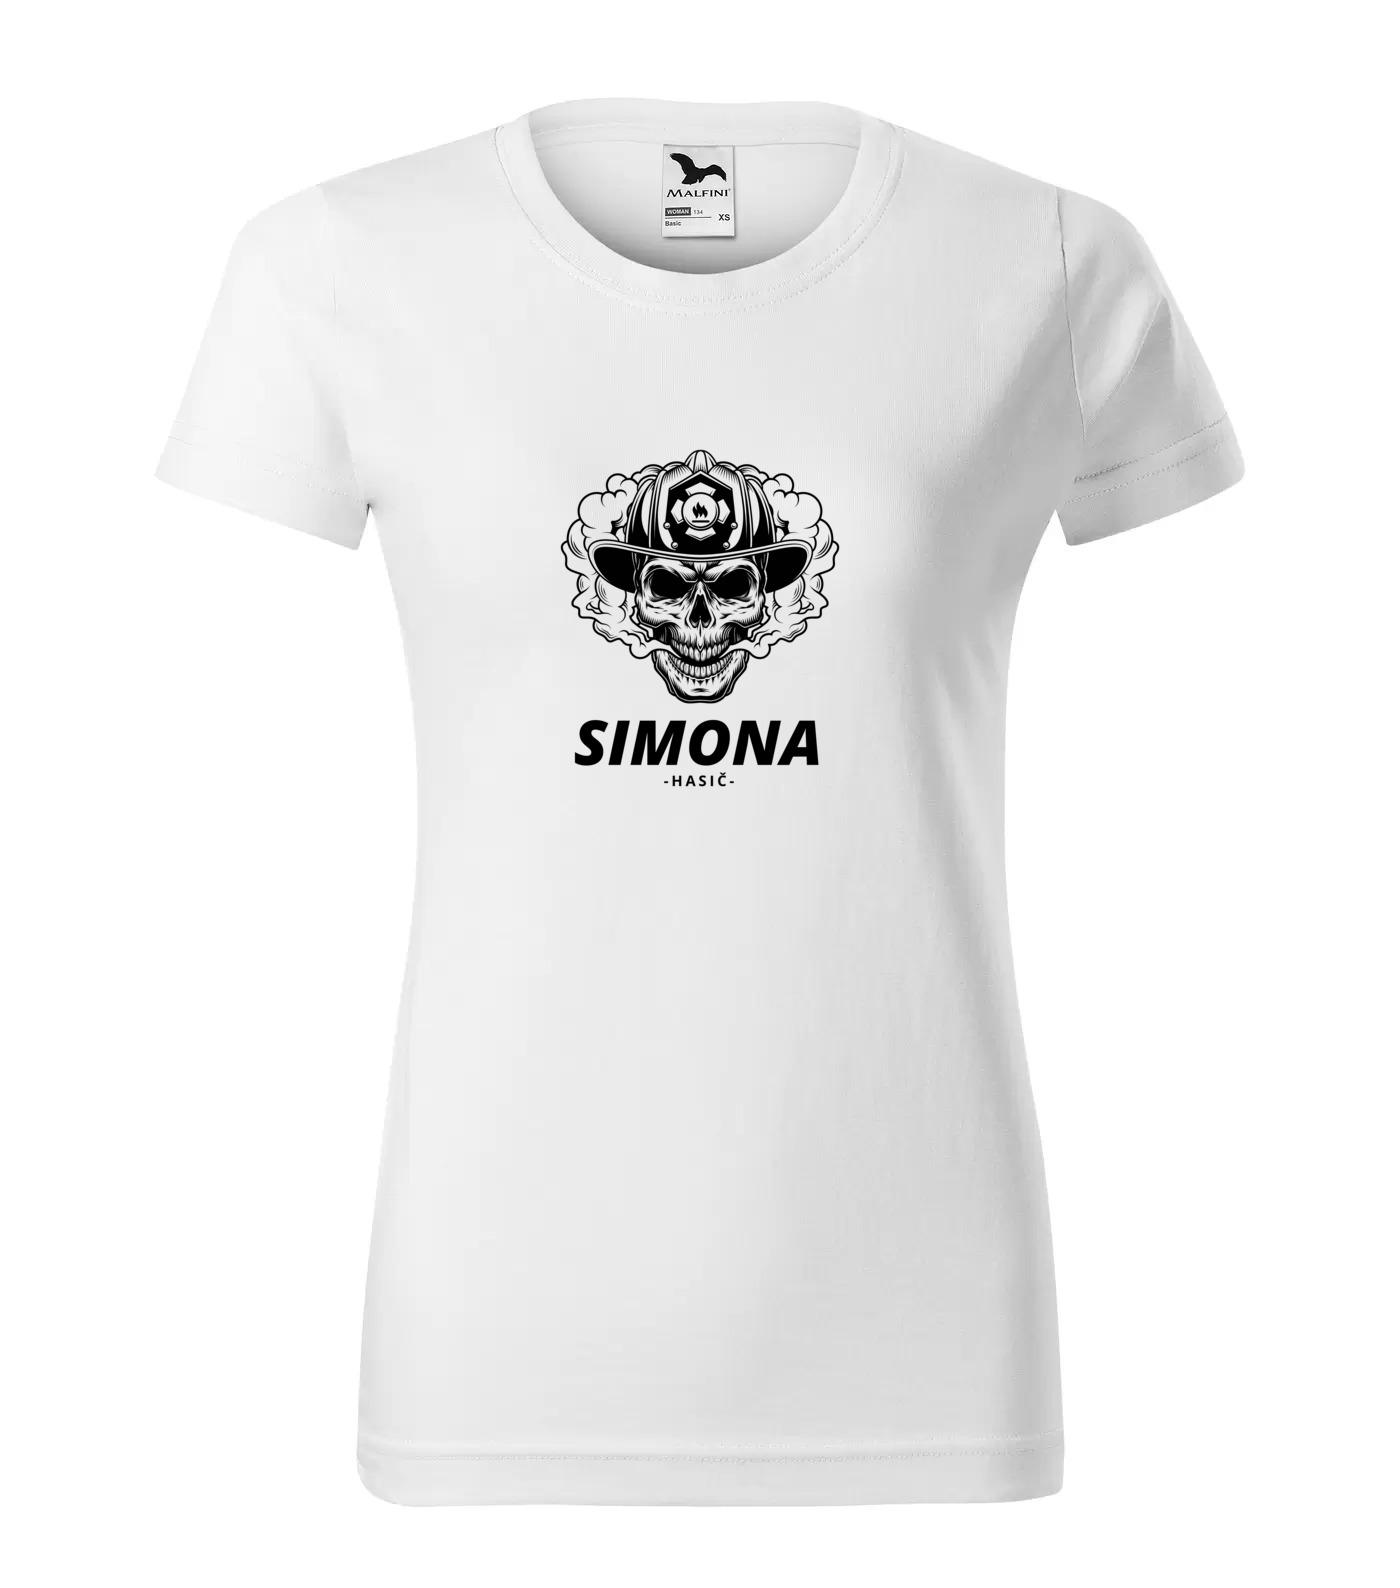 Tričko Hasič Simona